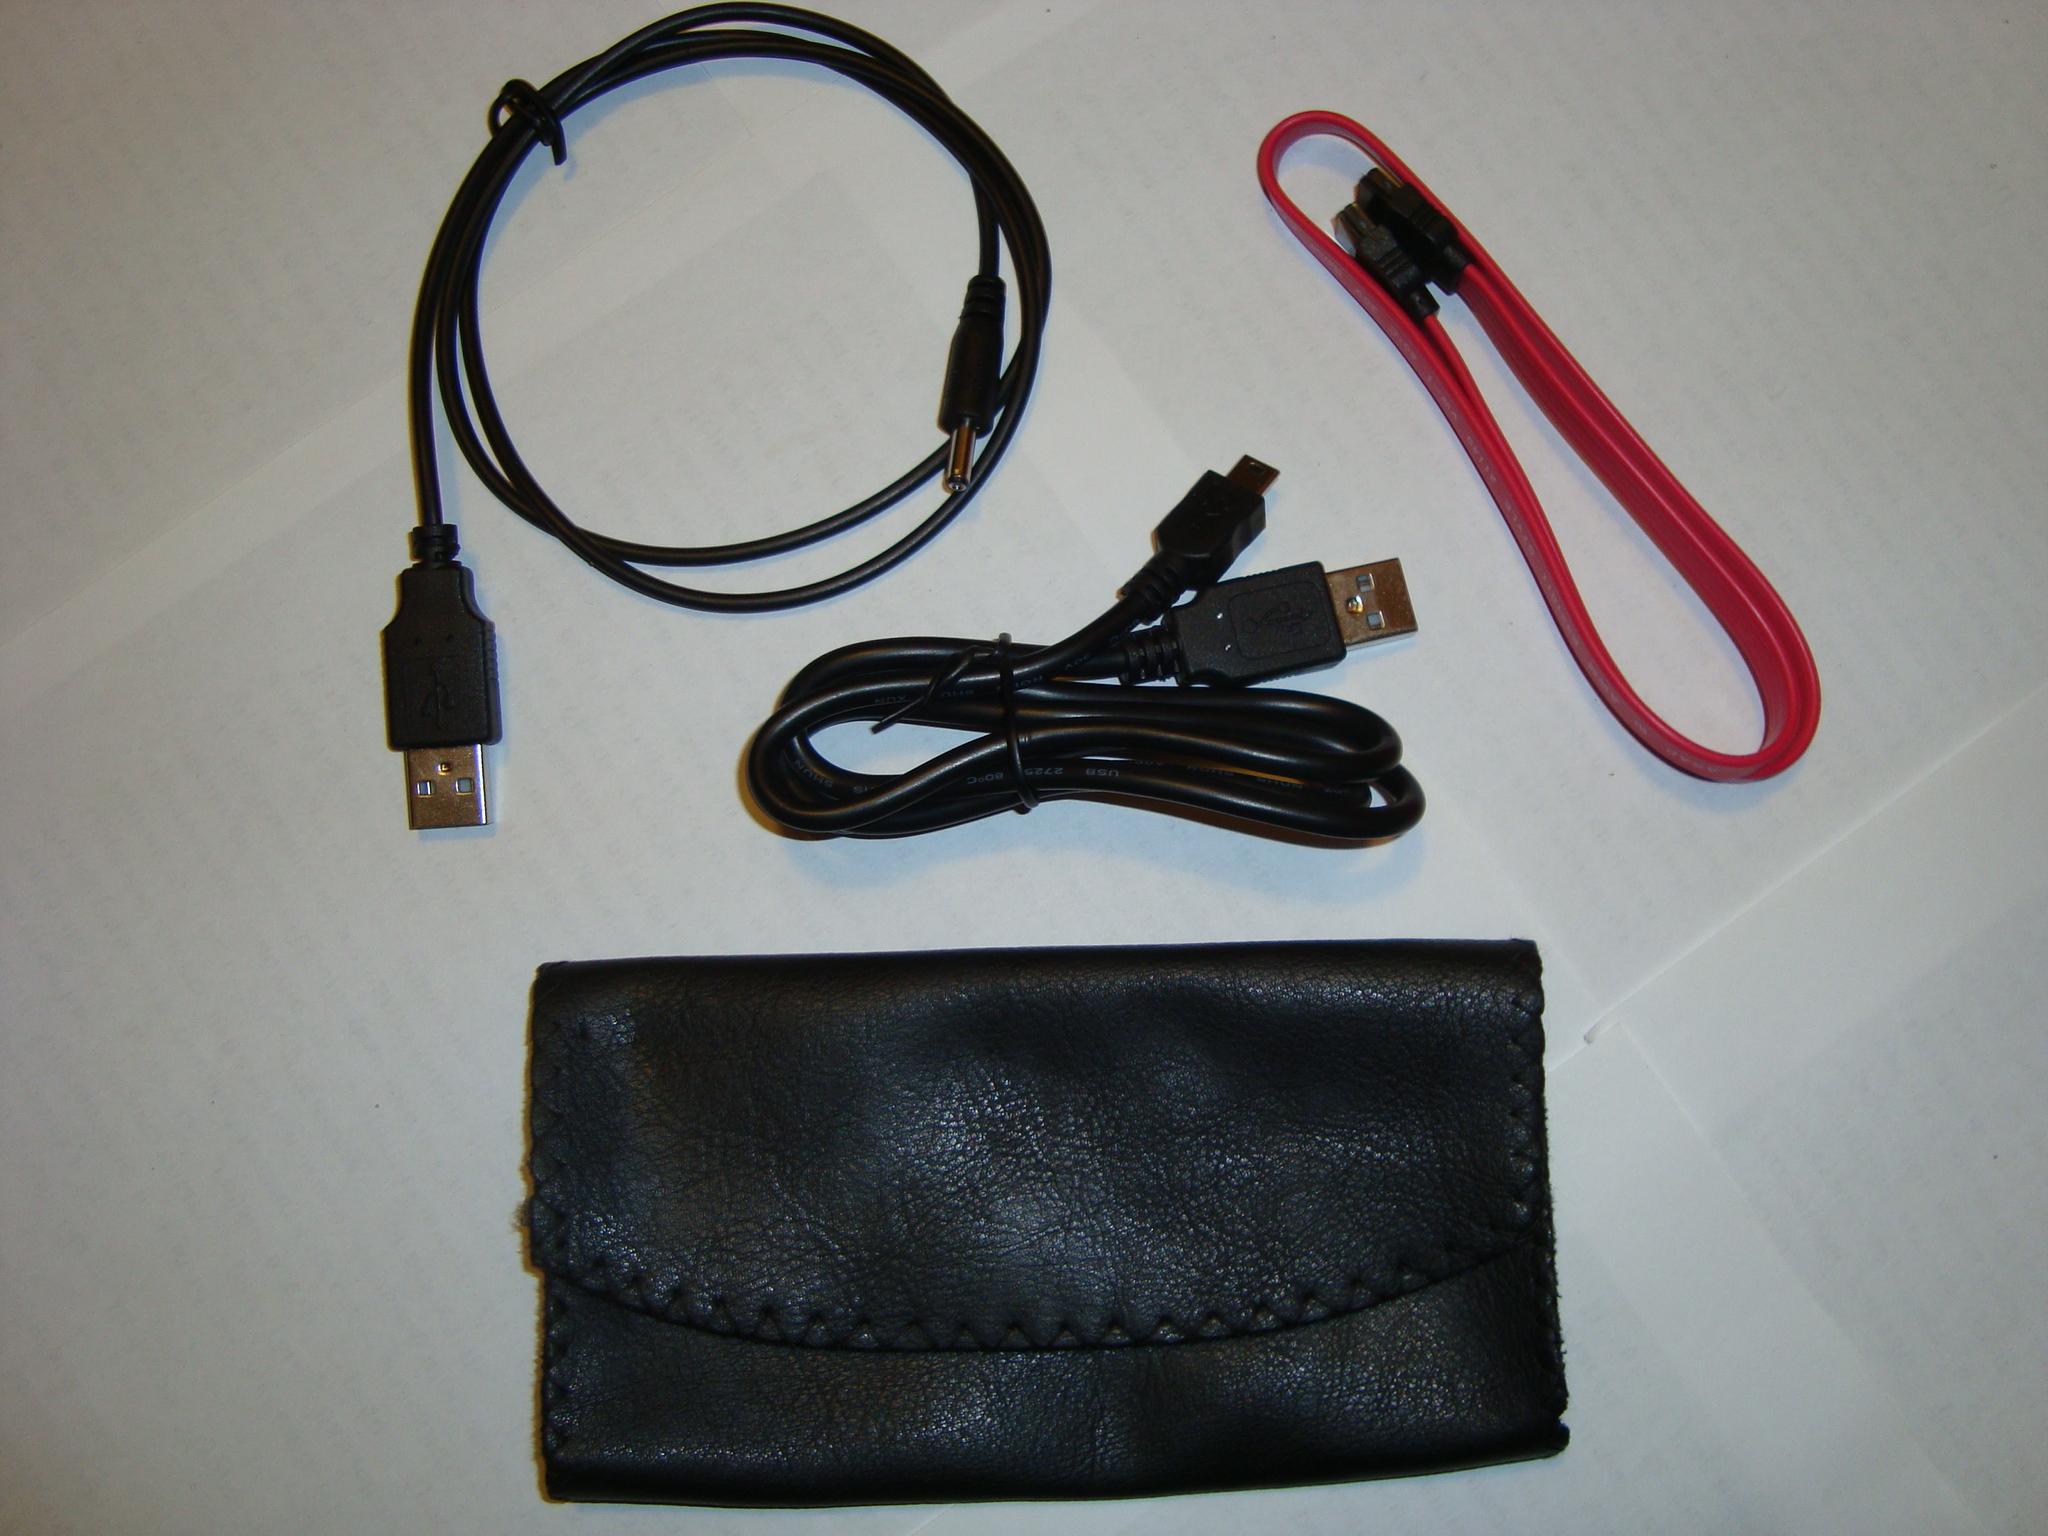 Внешний карман для SATA/IDE 2.5,алюминий, синяя LED подсветка индикатора